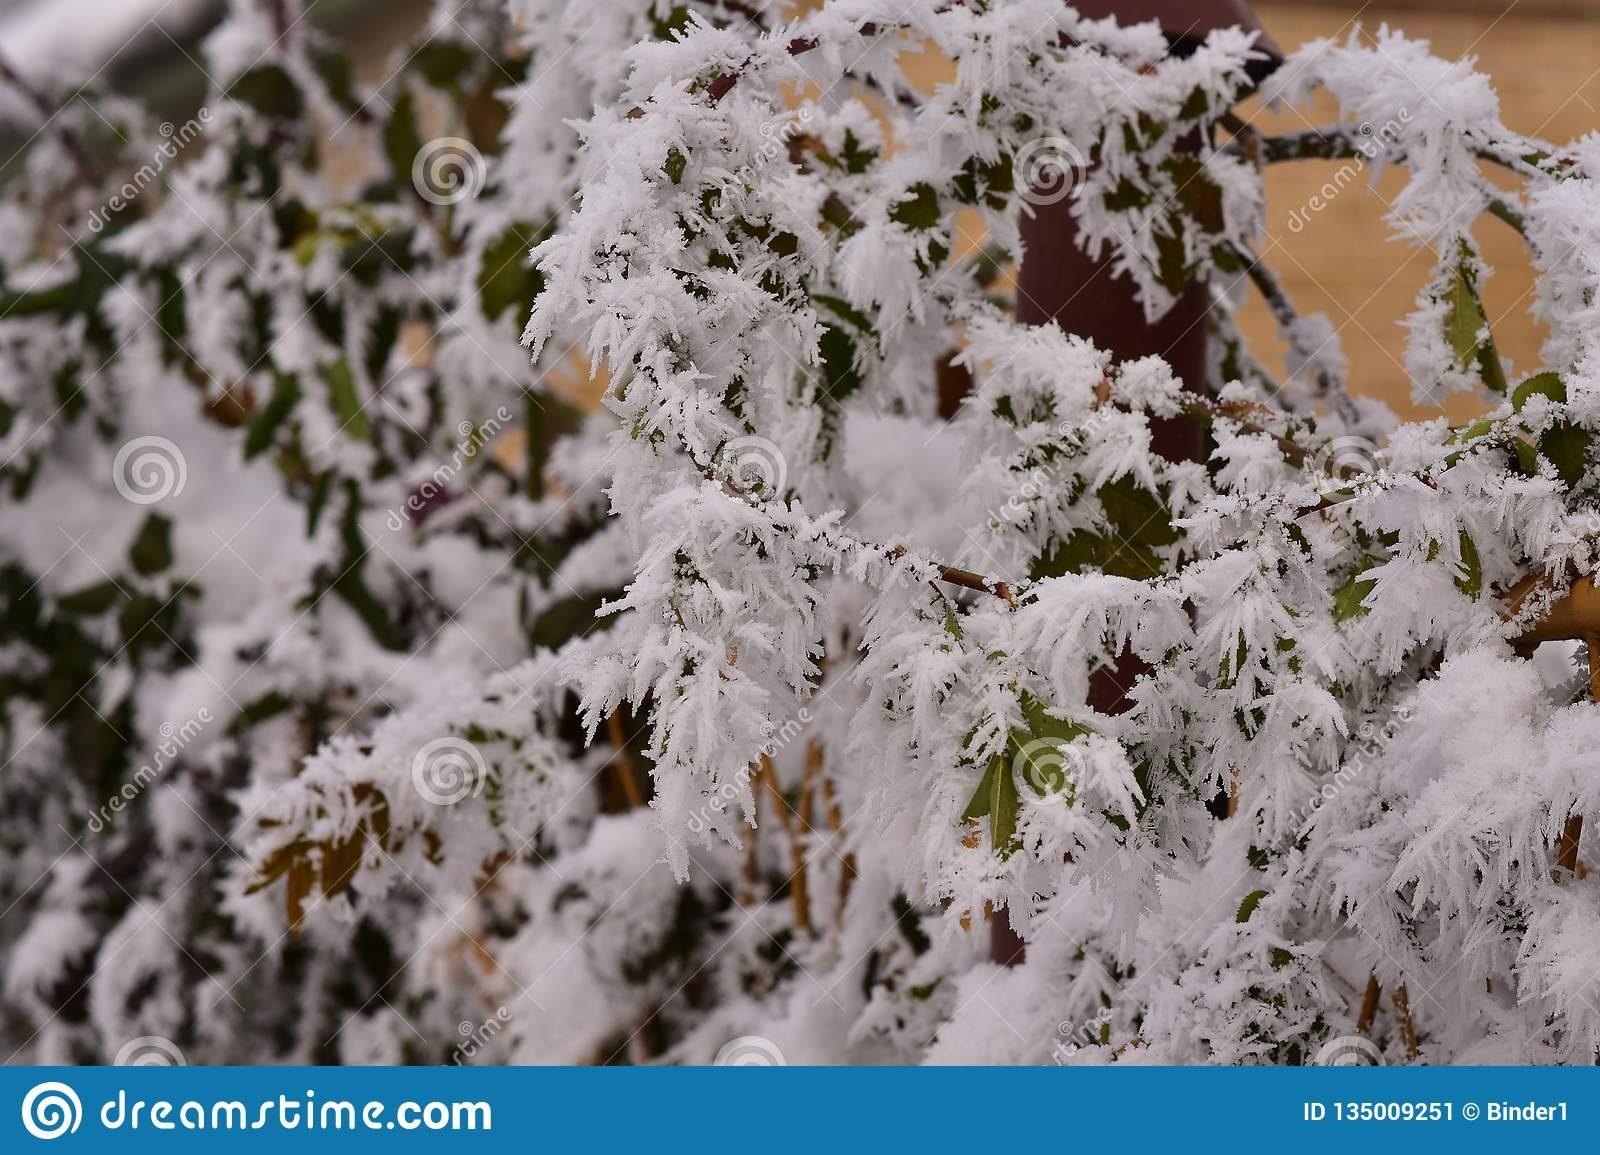 Красивые картинки на рабочий первый снег (9)